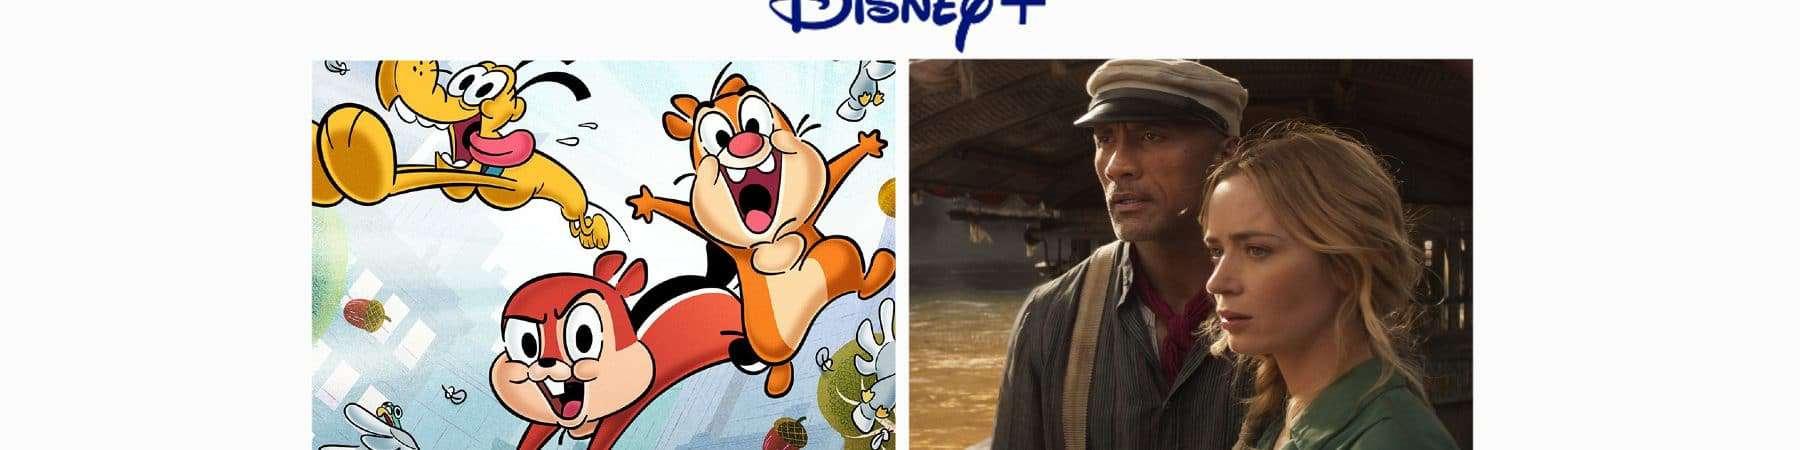 Disney Plus: lançamentos da semana (26 a 31 de julho)